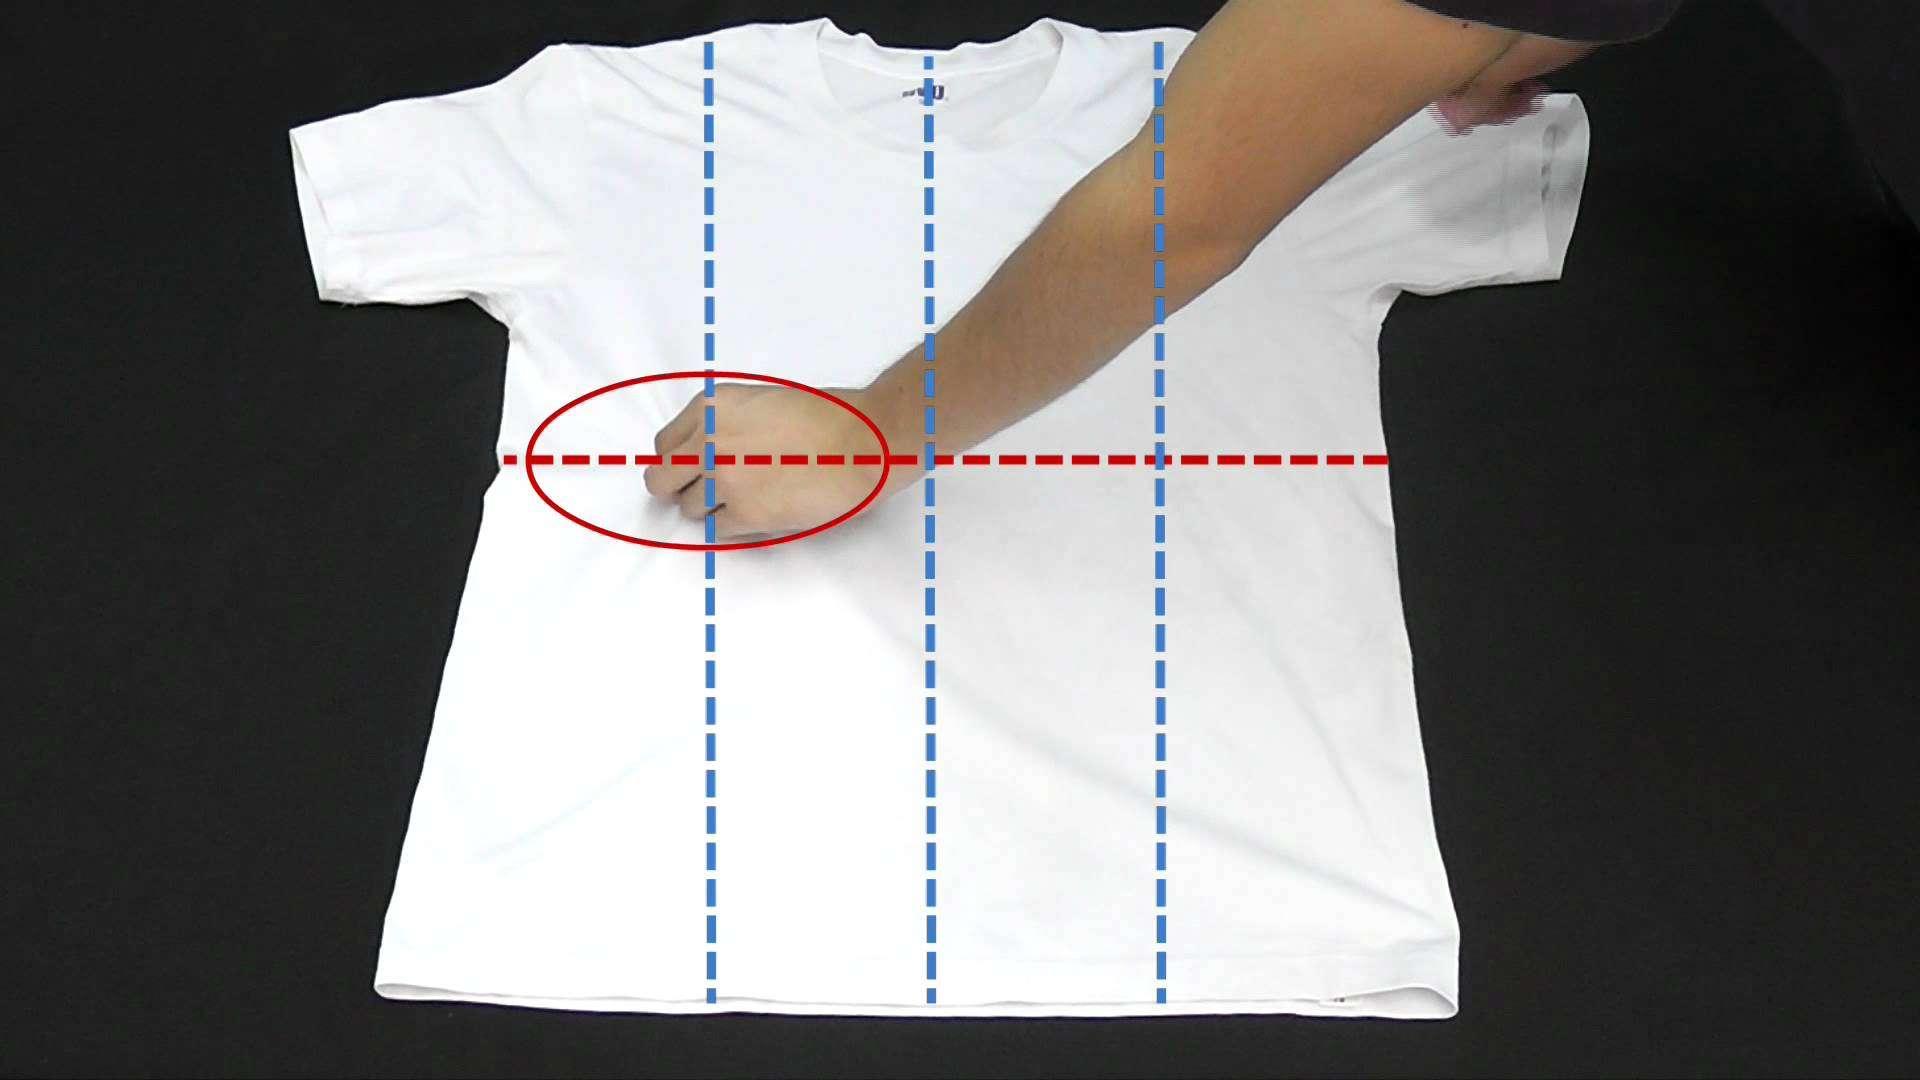 Tシャツを一瞬でたたむ方法 - YouTube